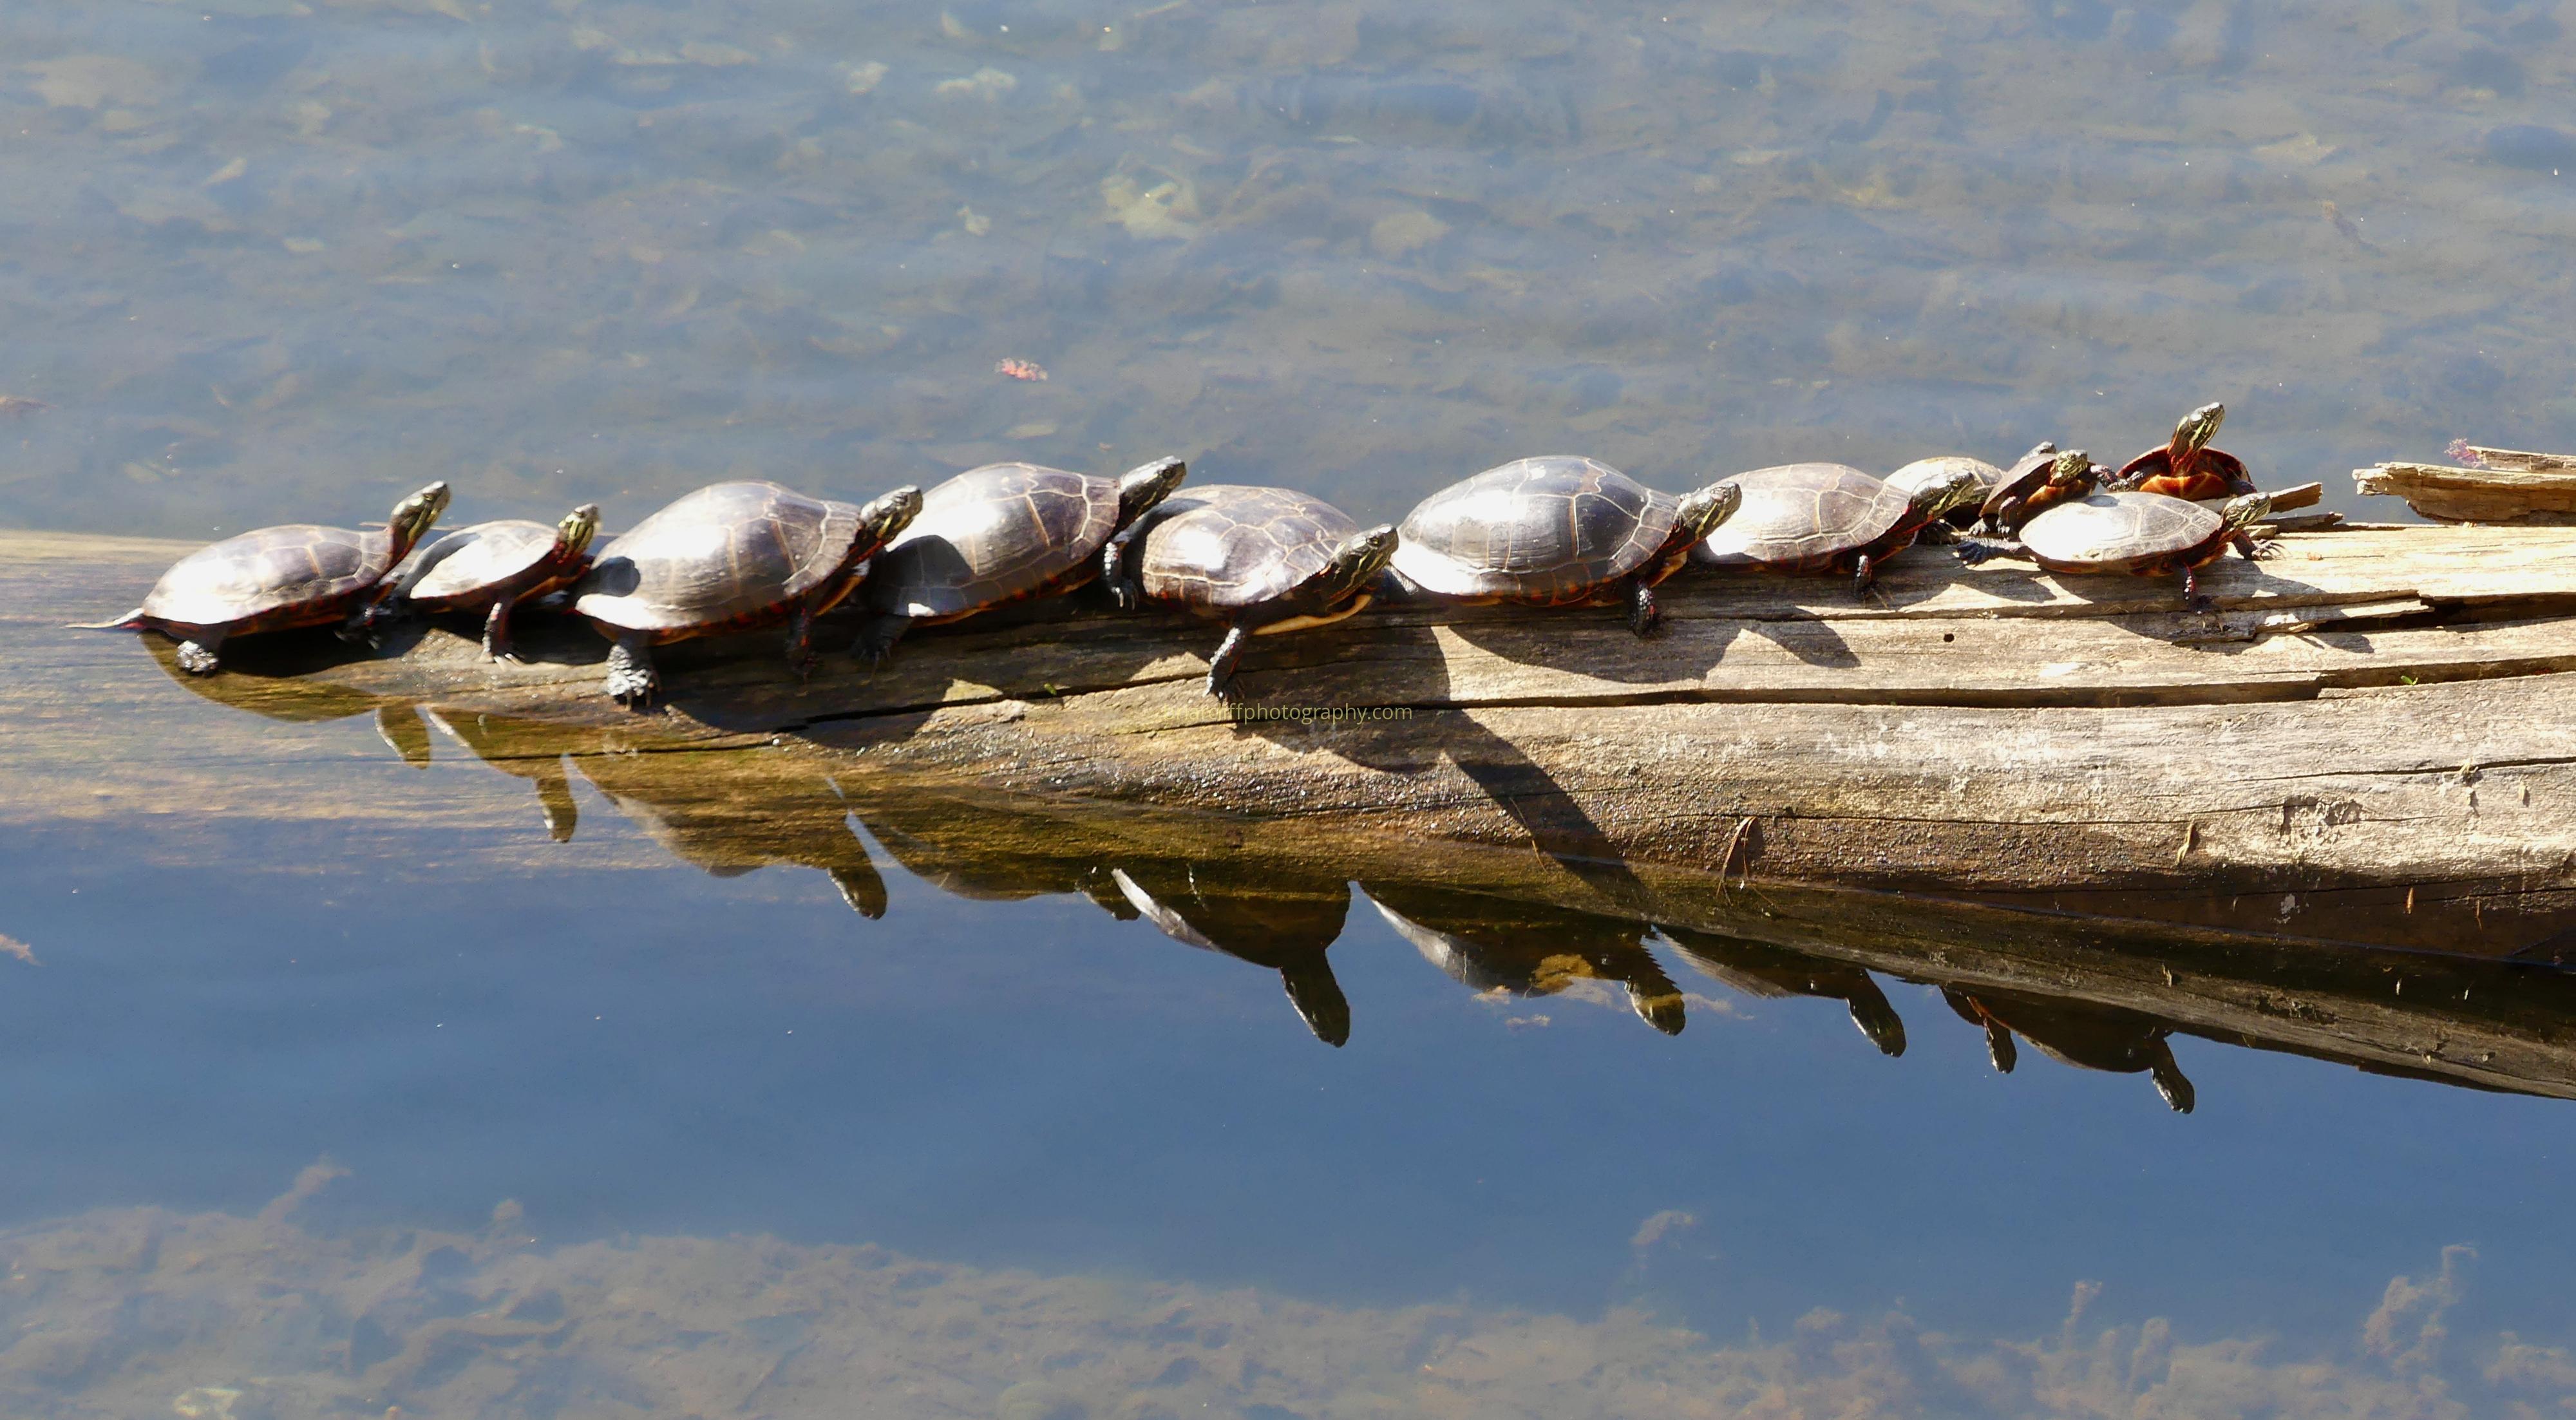 Ten turtles on log